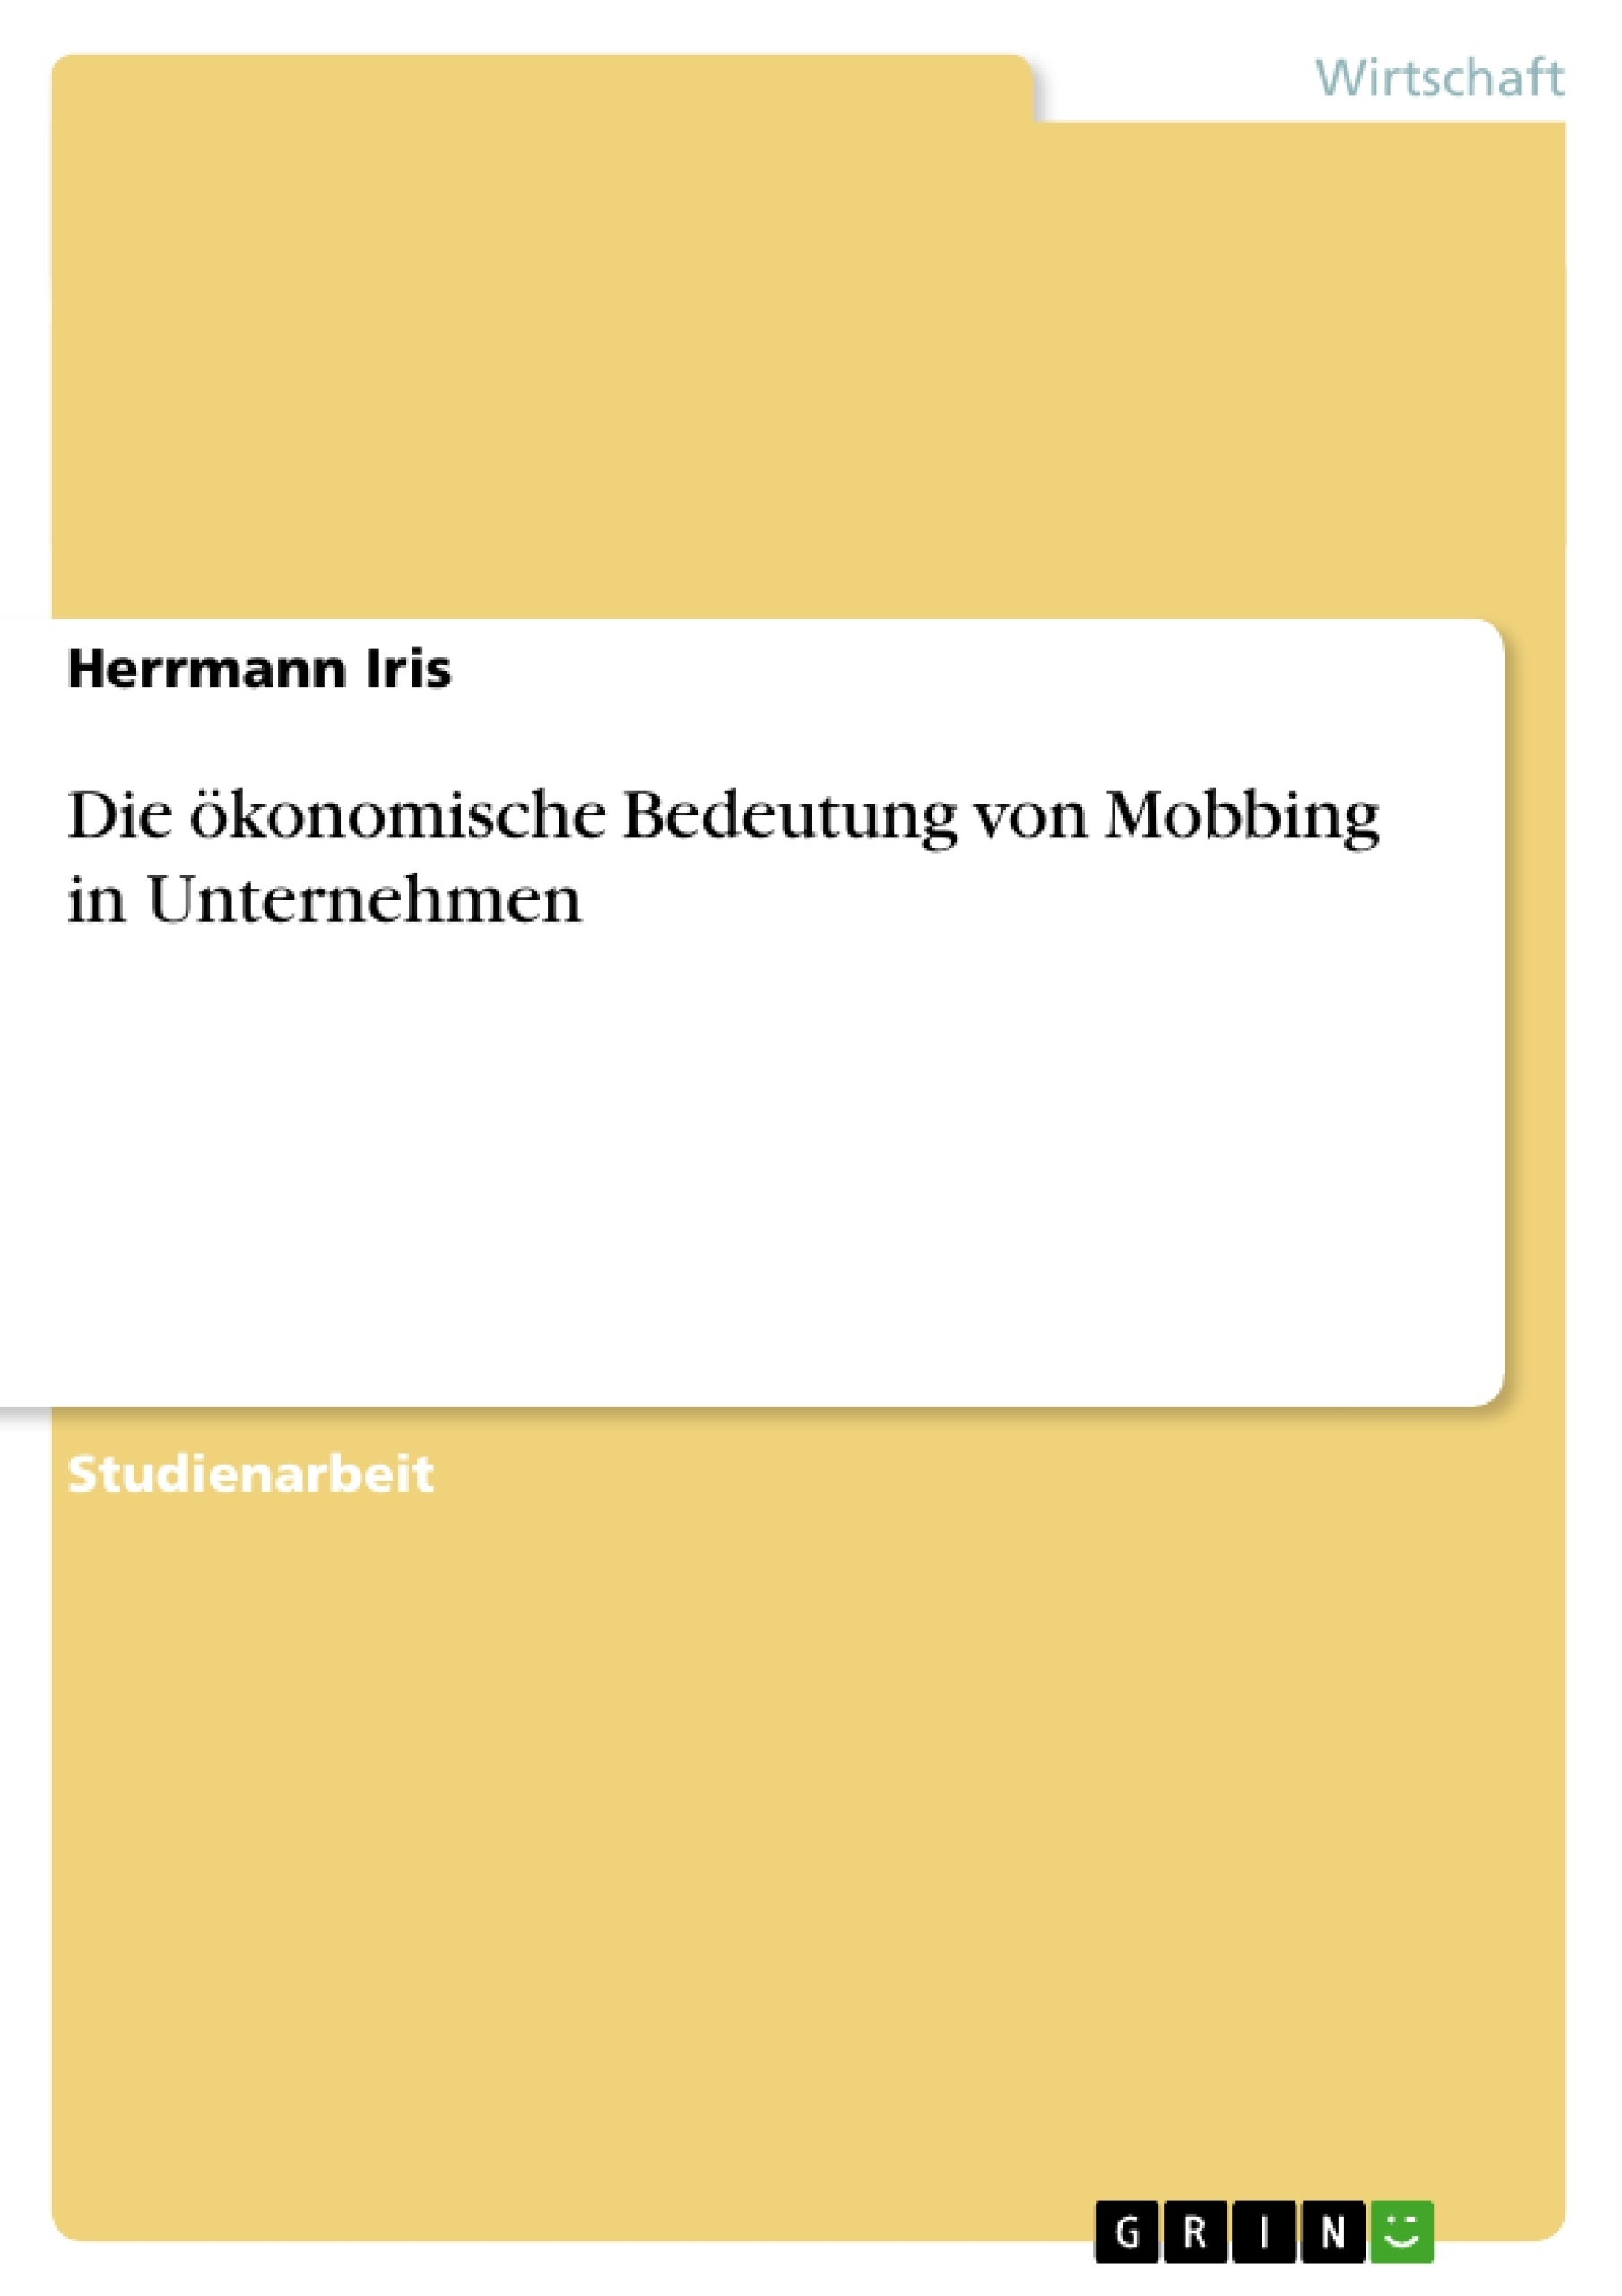 Titel: Die ökonomische Bedeutung von Mobbing in Unternehmen